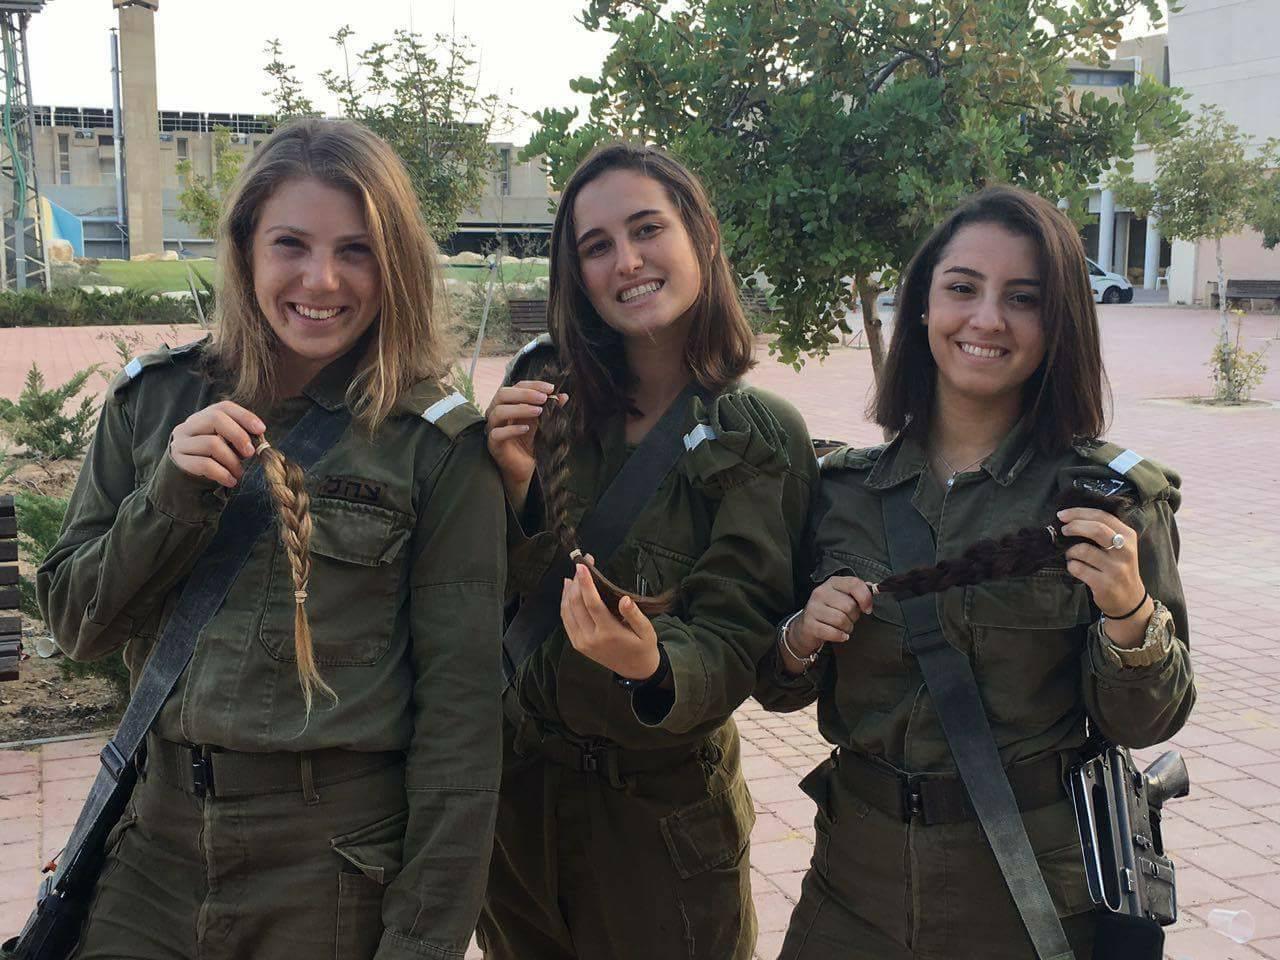 Frauen aus israel kennenlernen